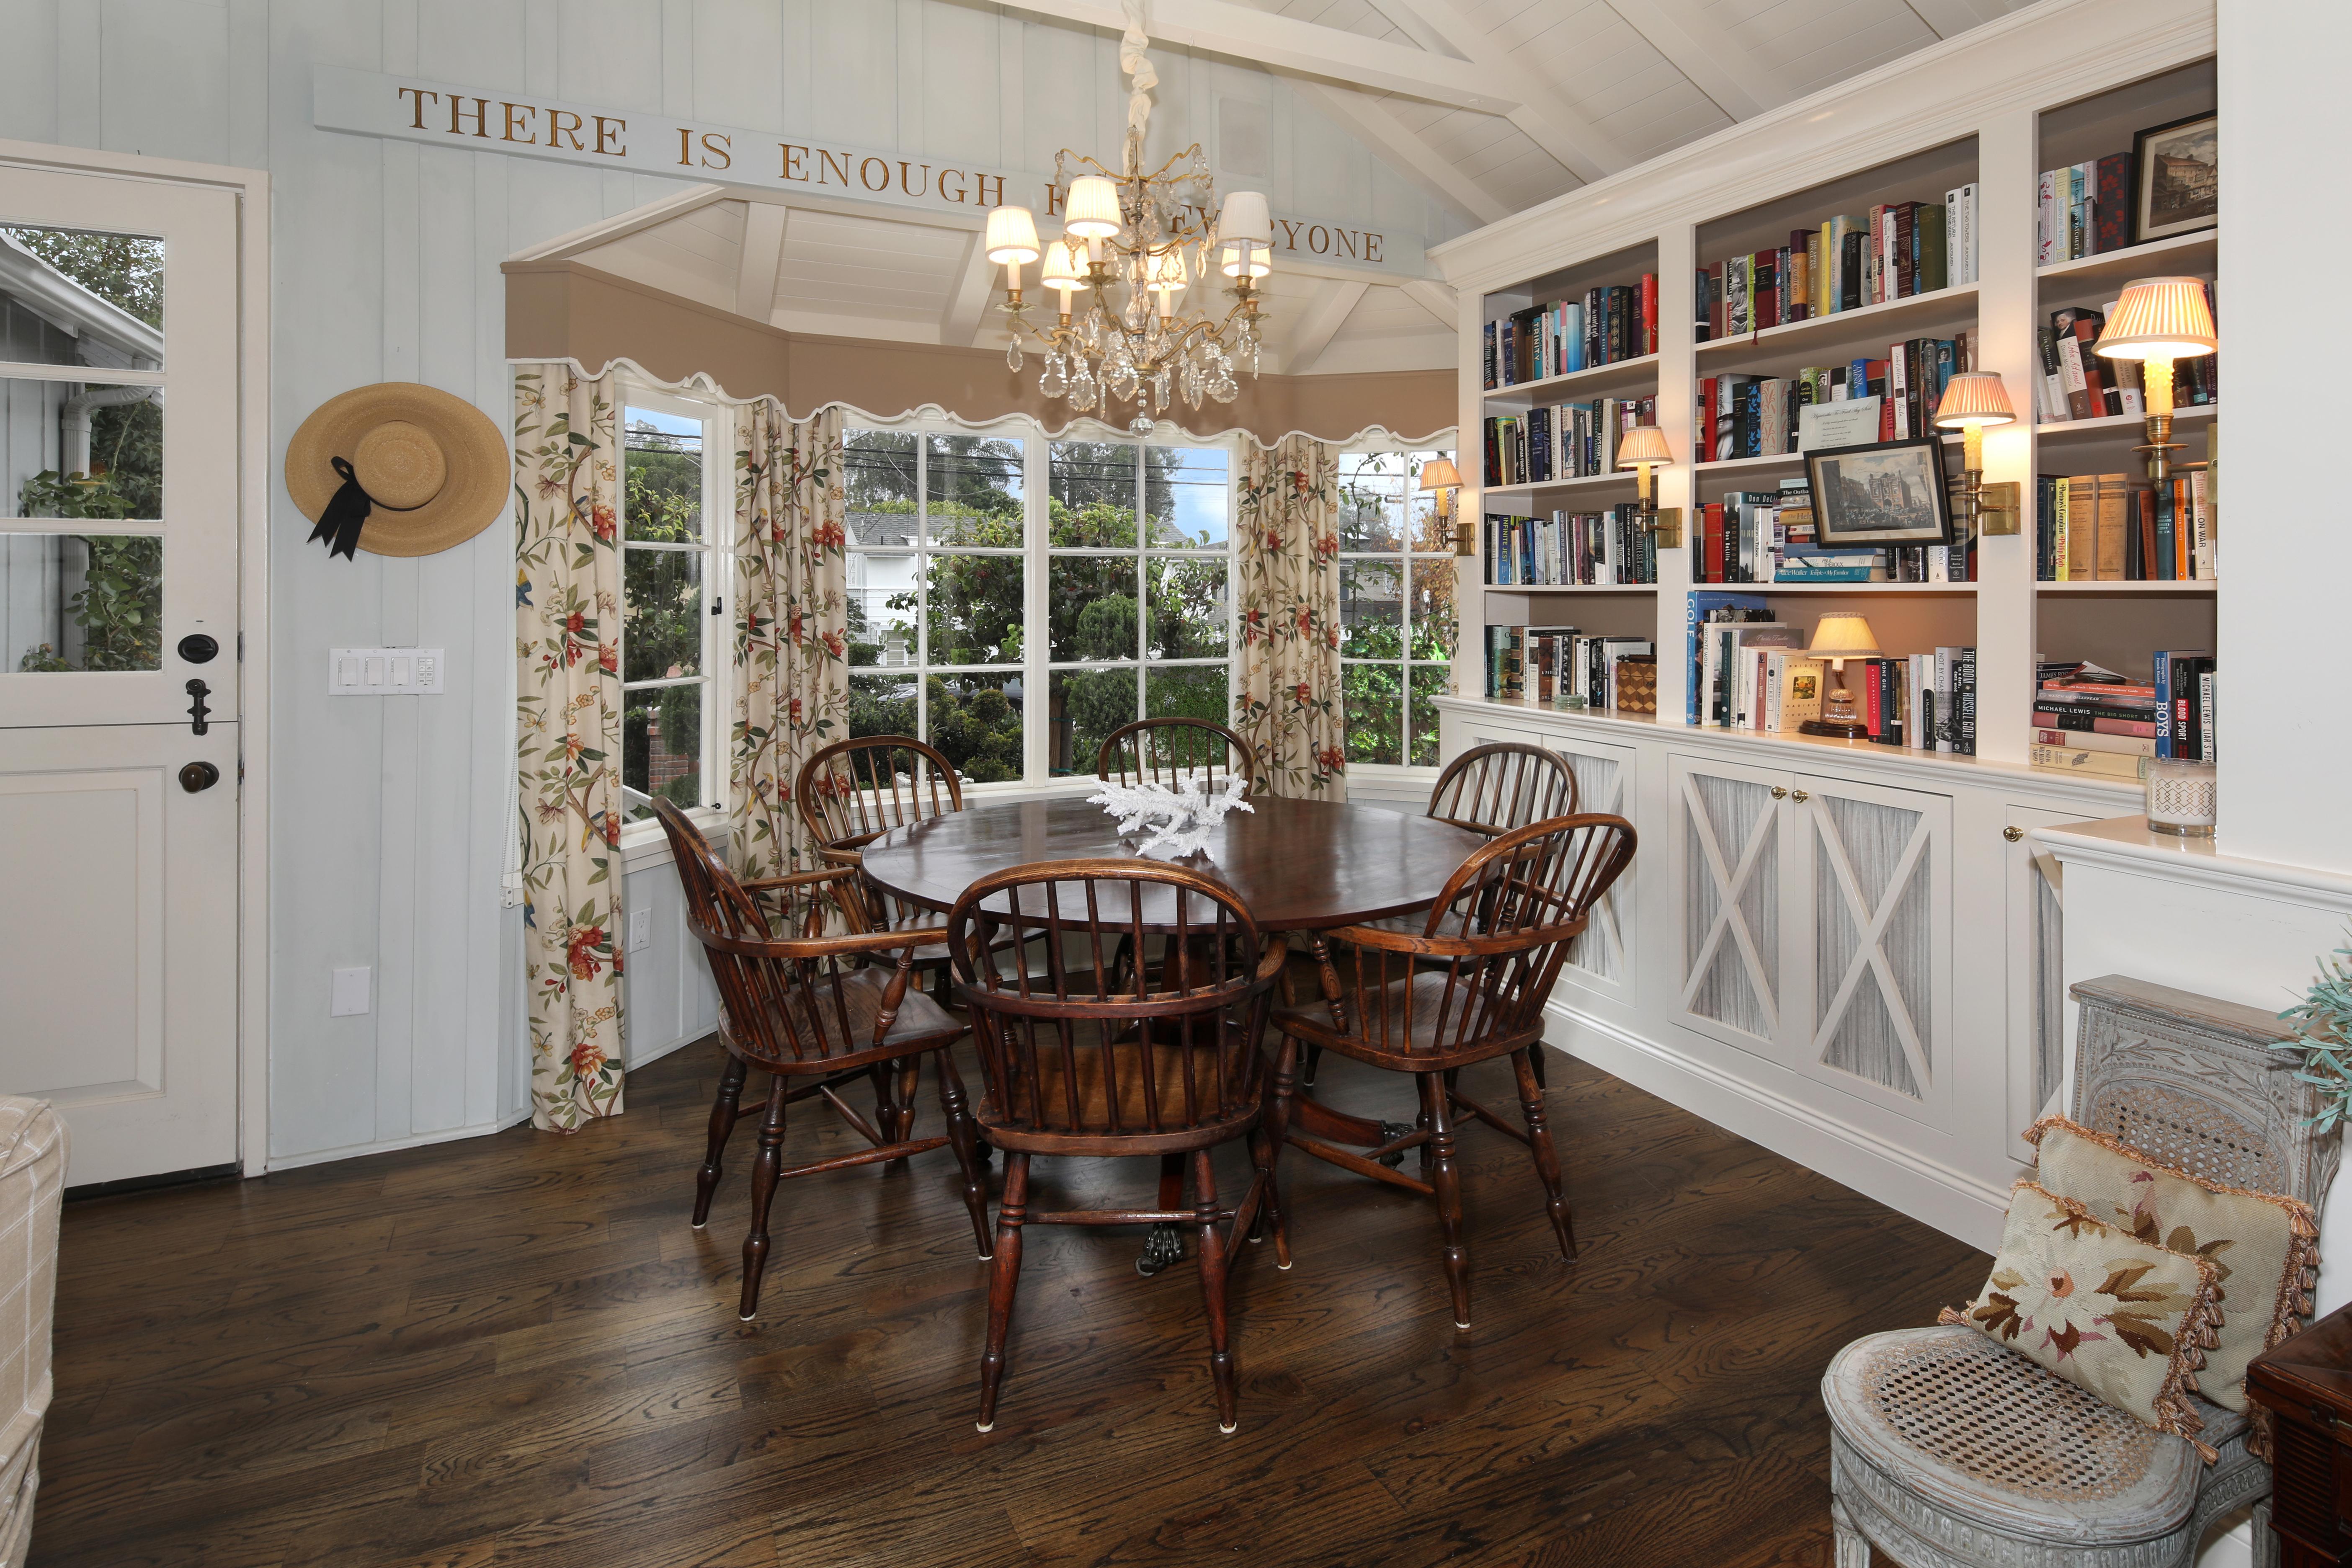 Картинка Гостиная Интерьер стул Стол Люстра дизайна гостевая столы стола Стулья люстры Дизайн